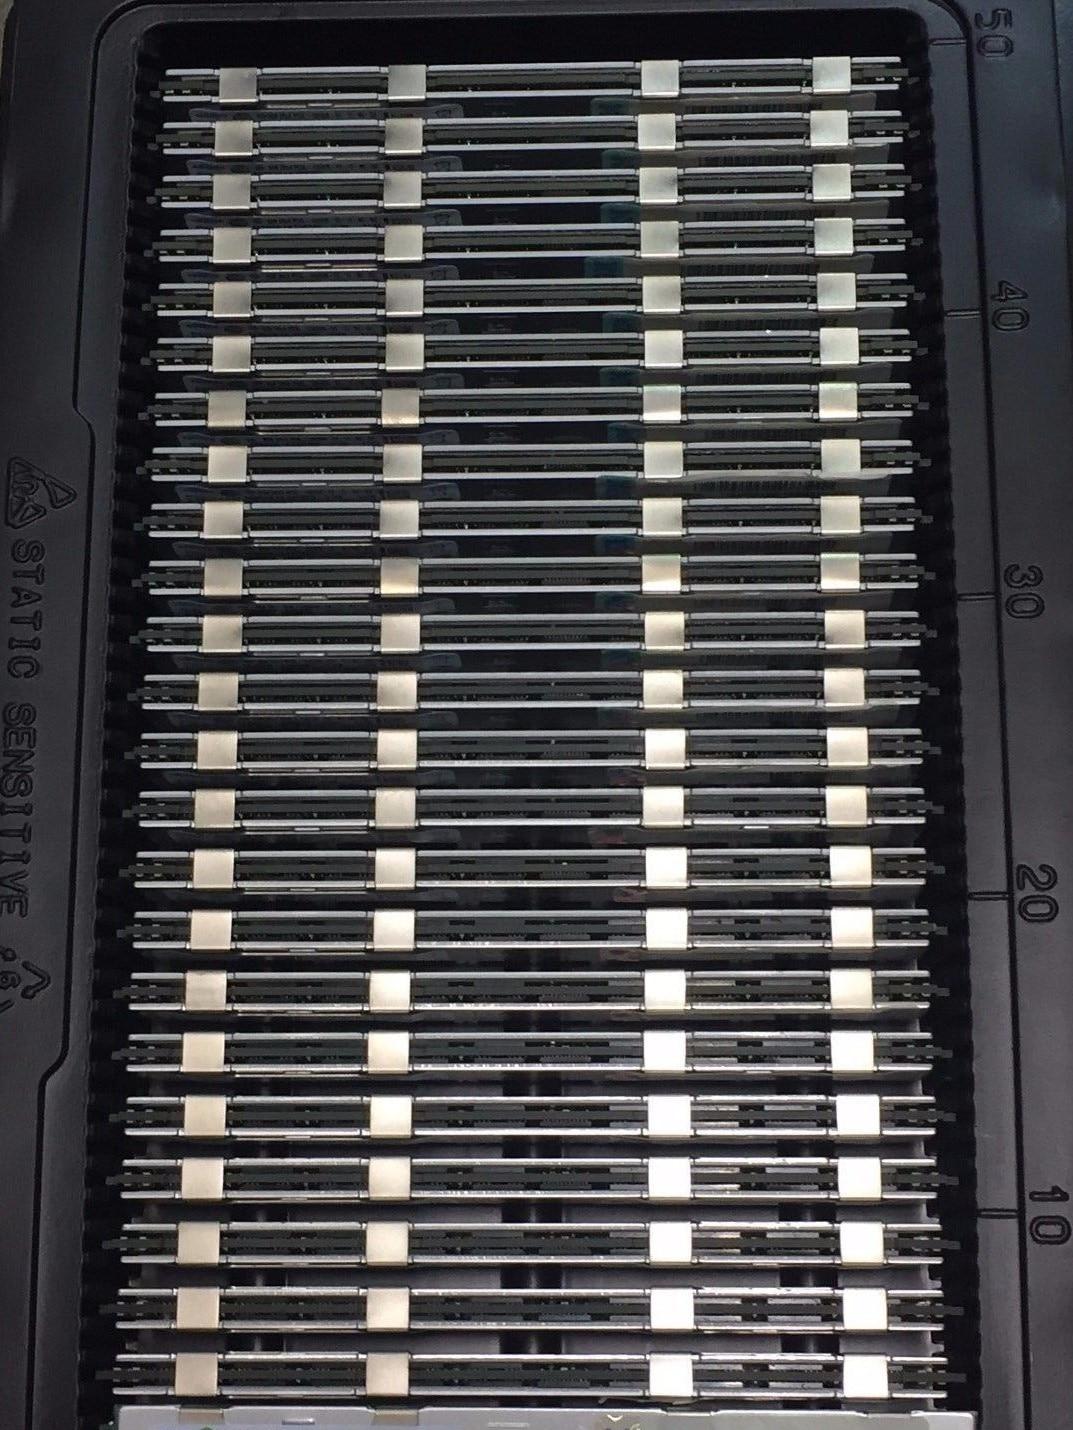 Pour 64 GO 4RX4 DDR4 2400 T 819413-001 805358-B21 809085-091 garantie 1 anPour 64 GO 4RX4 DDR4 2400 T 819413-001 805358-B21 809085-091 garantie 1 an